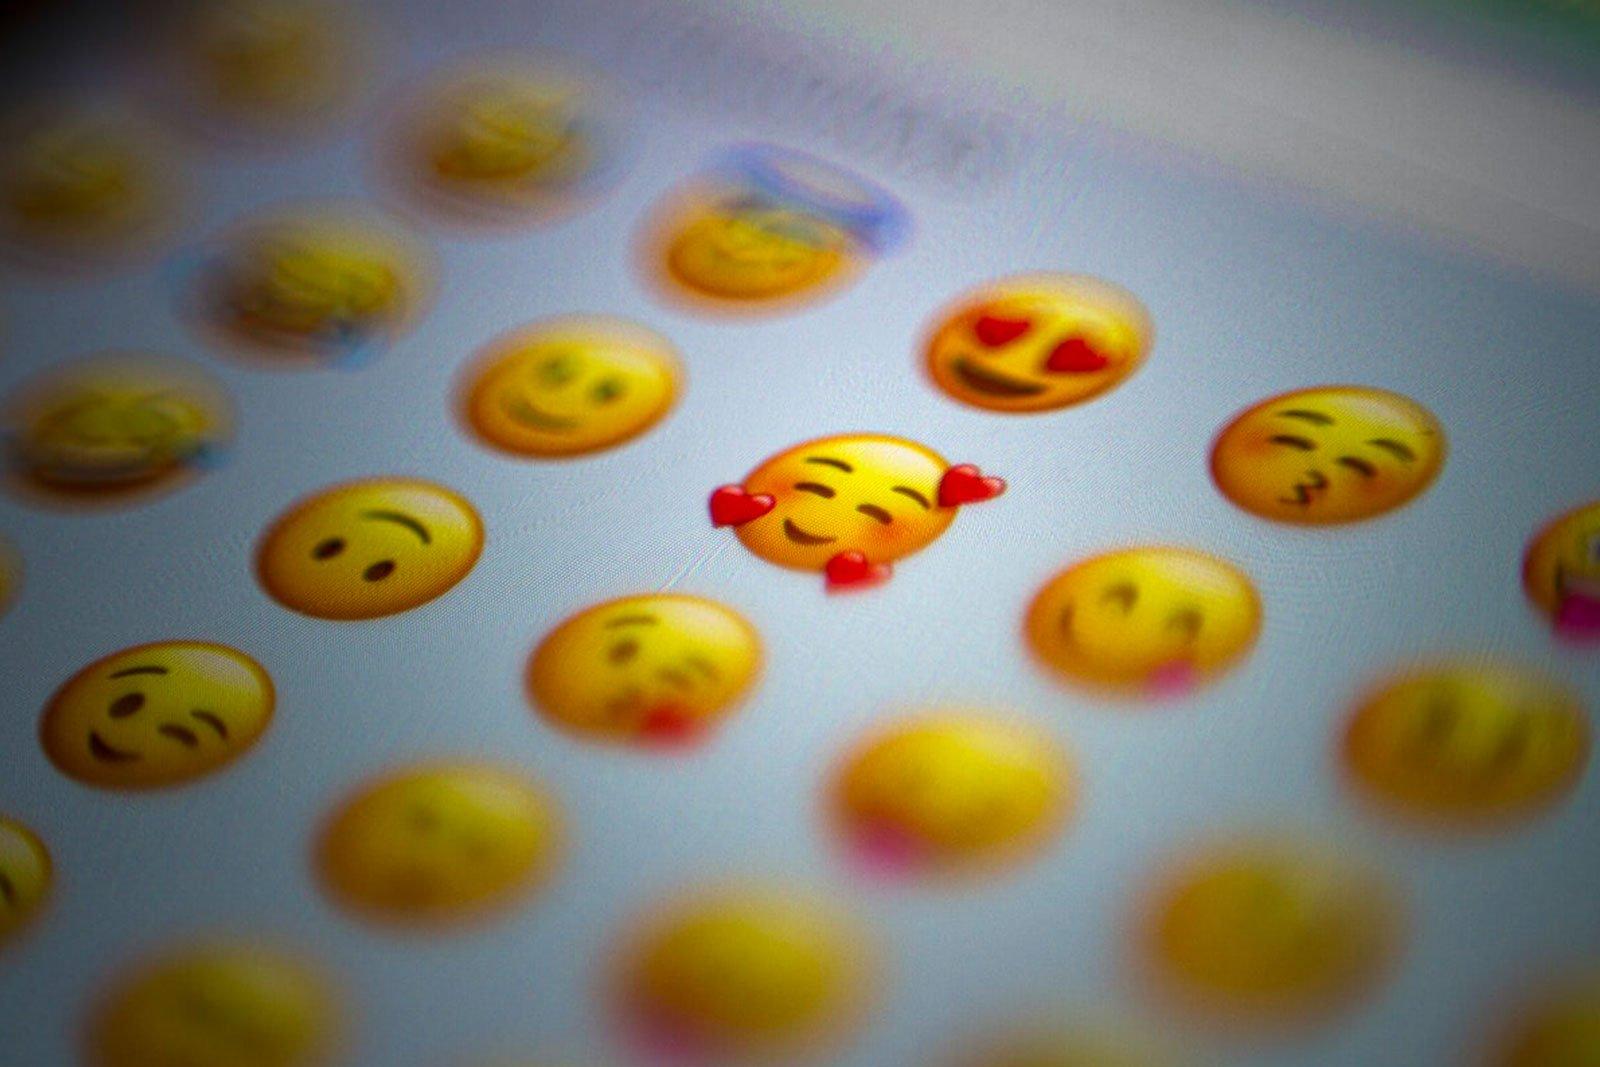 The Gospel in 7 Emojis